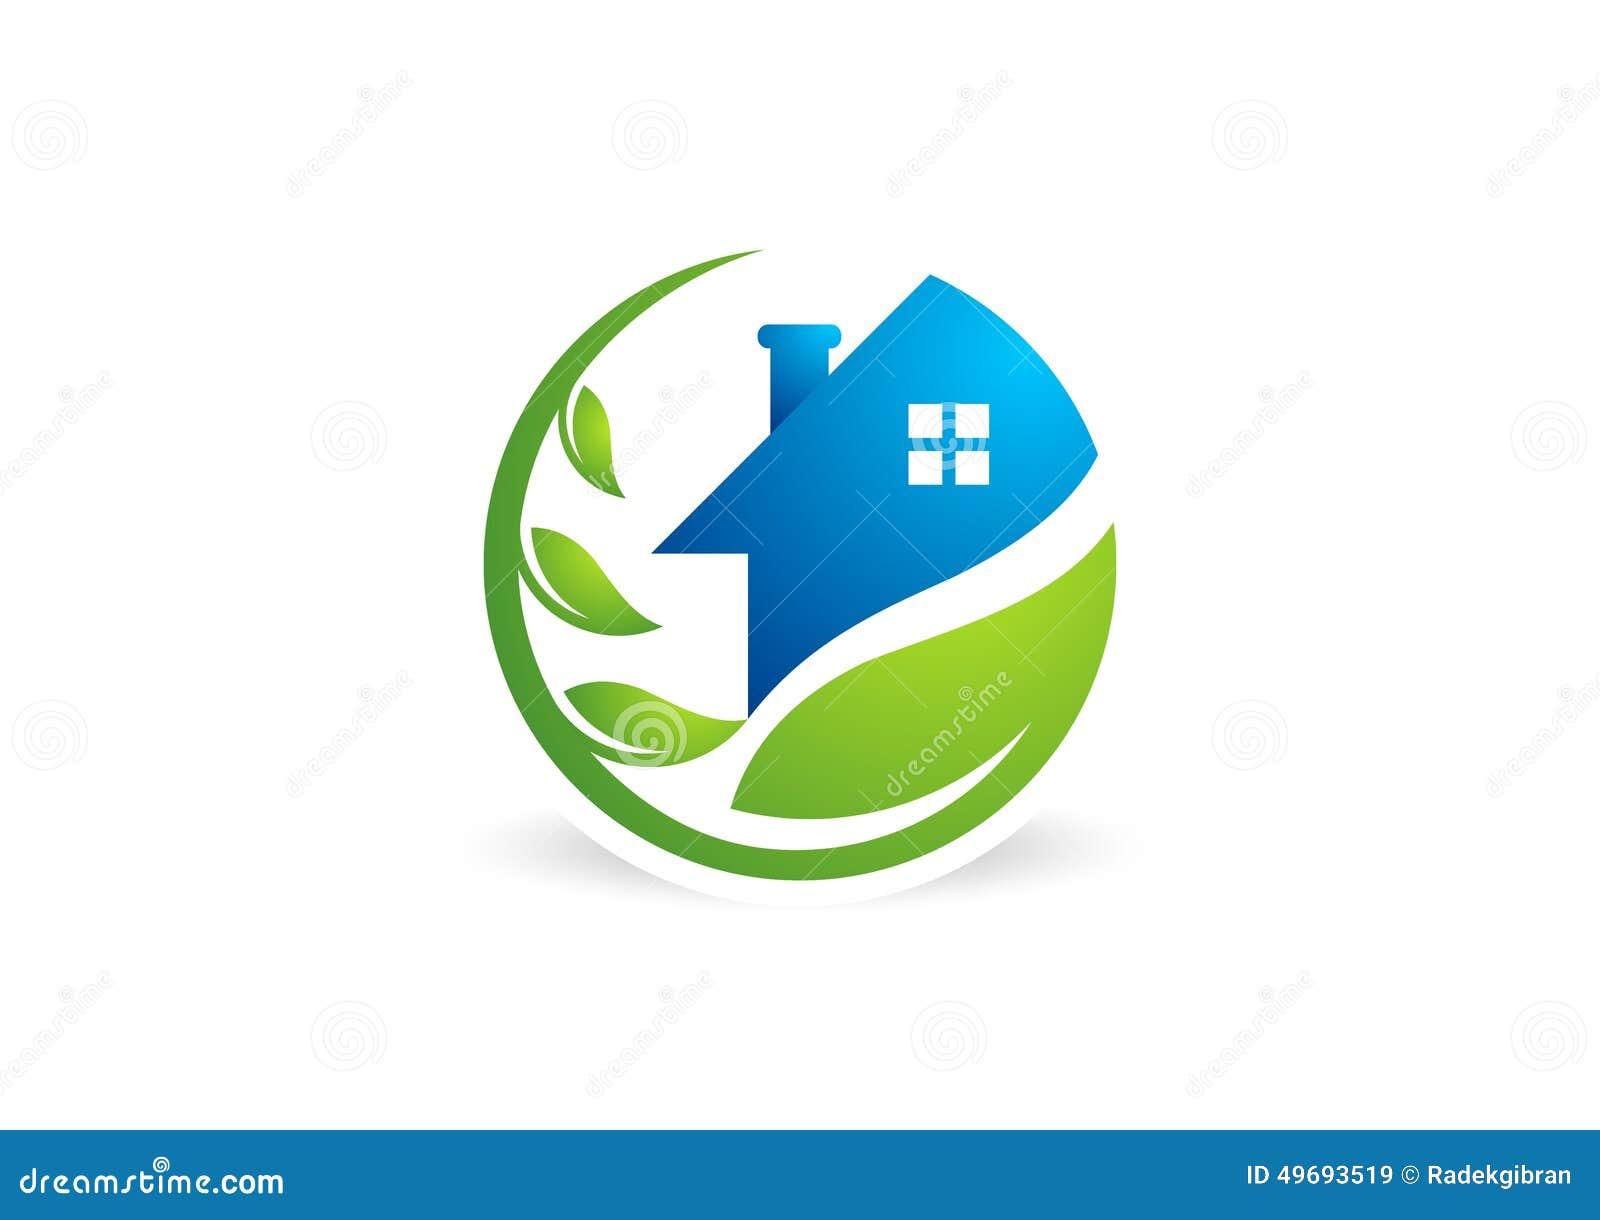 Circunde el logotipo casero de la planta, construcción de viviendas, arquitectura, vector del diseño del icono del símbolo de la